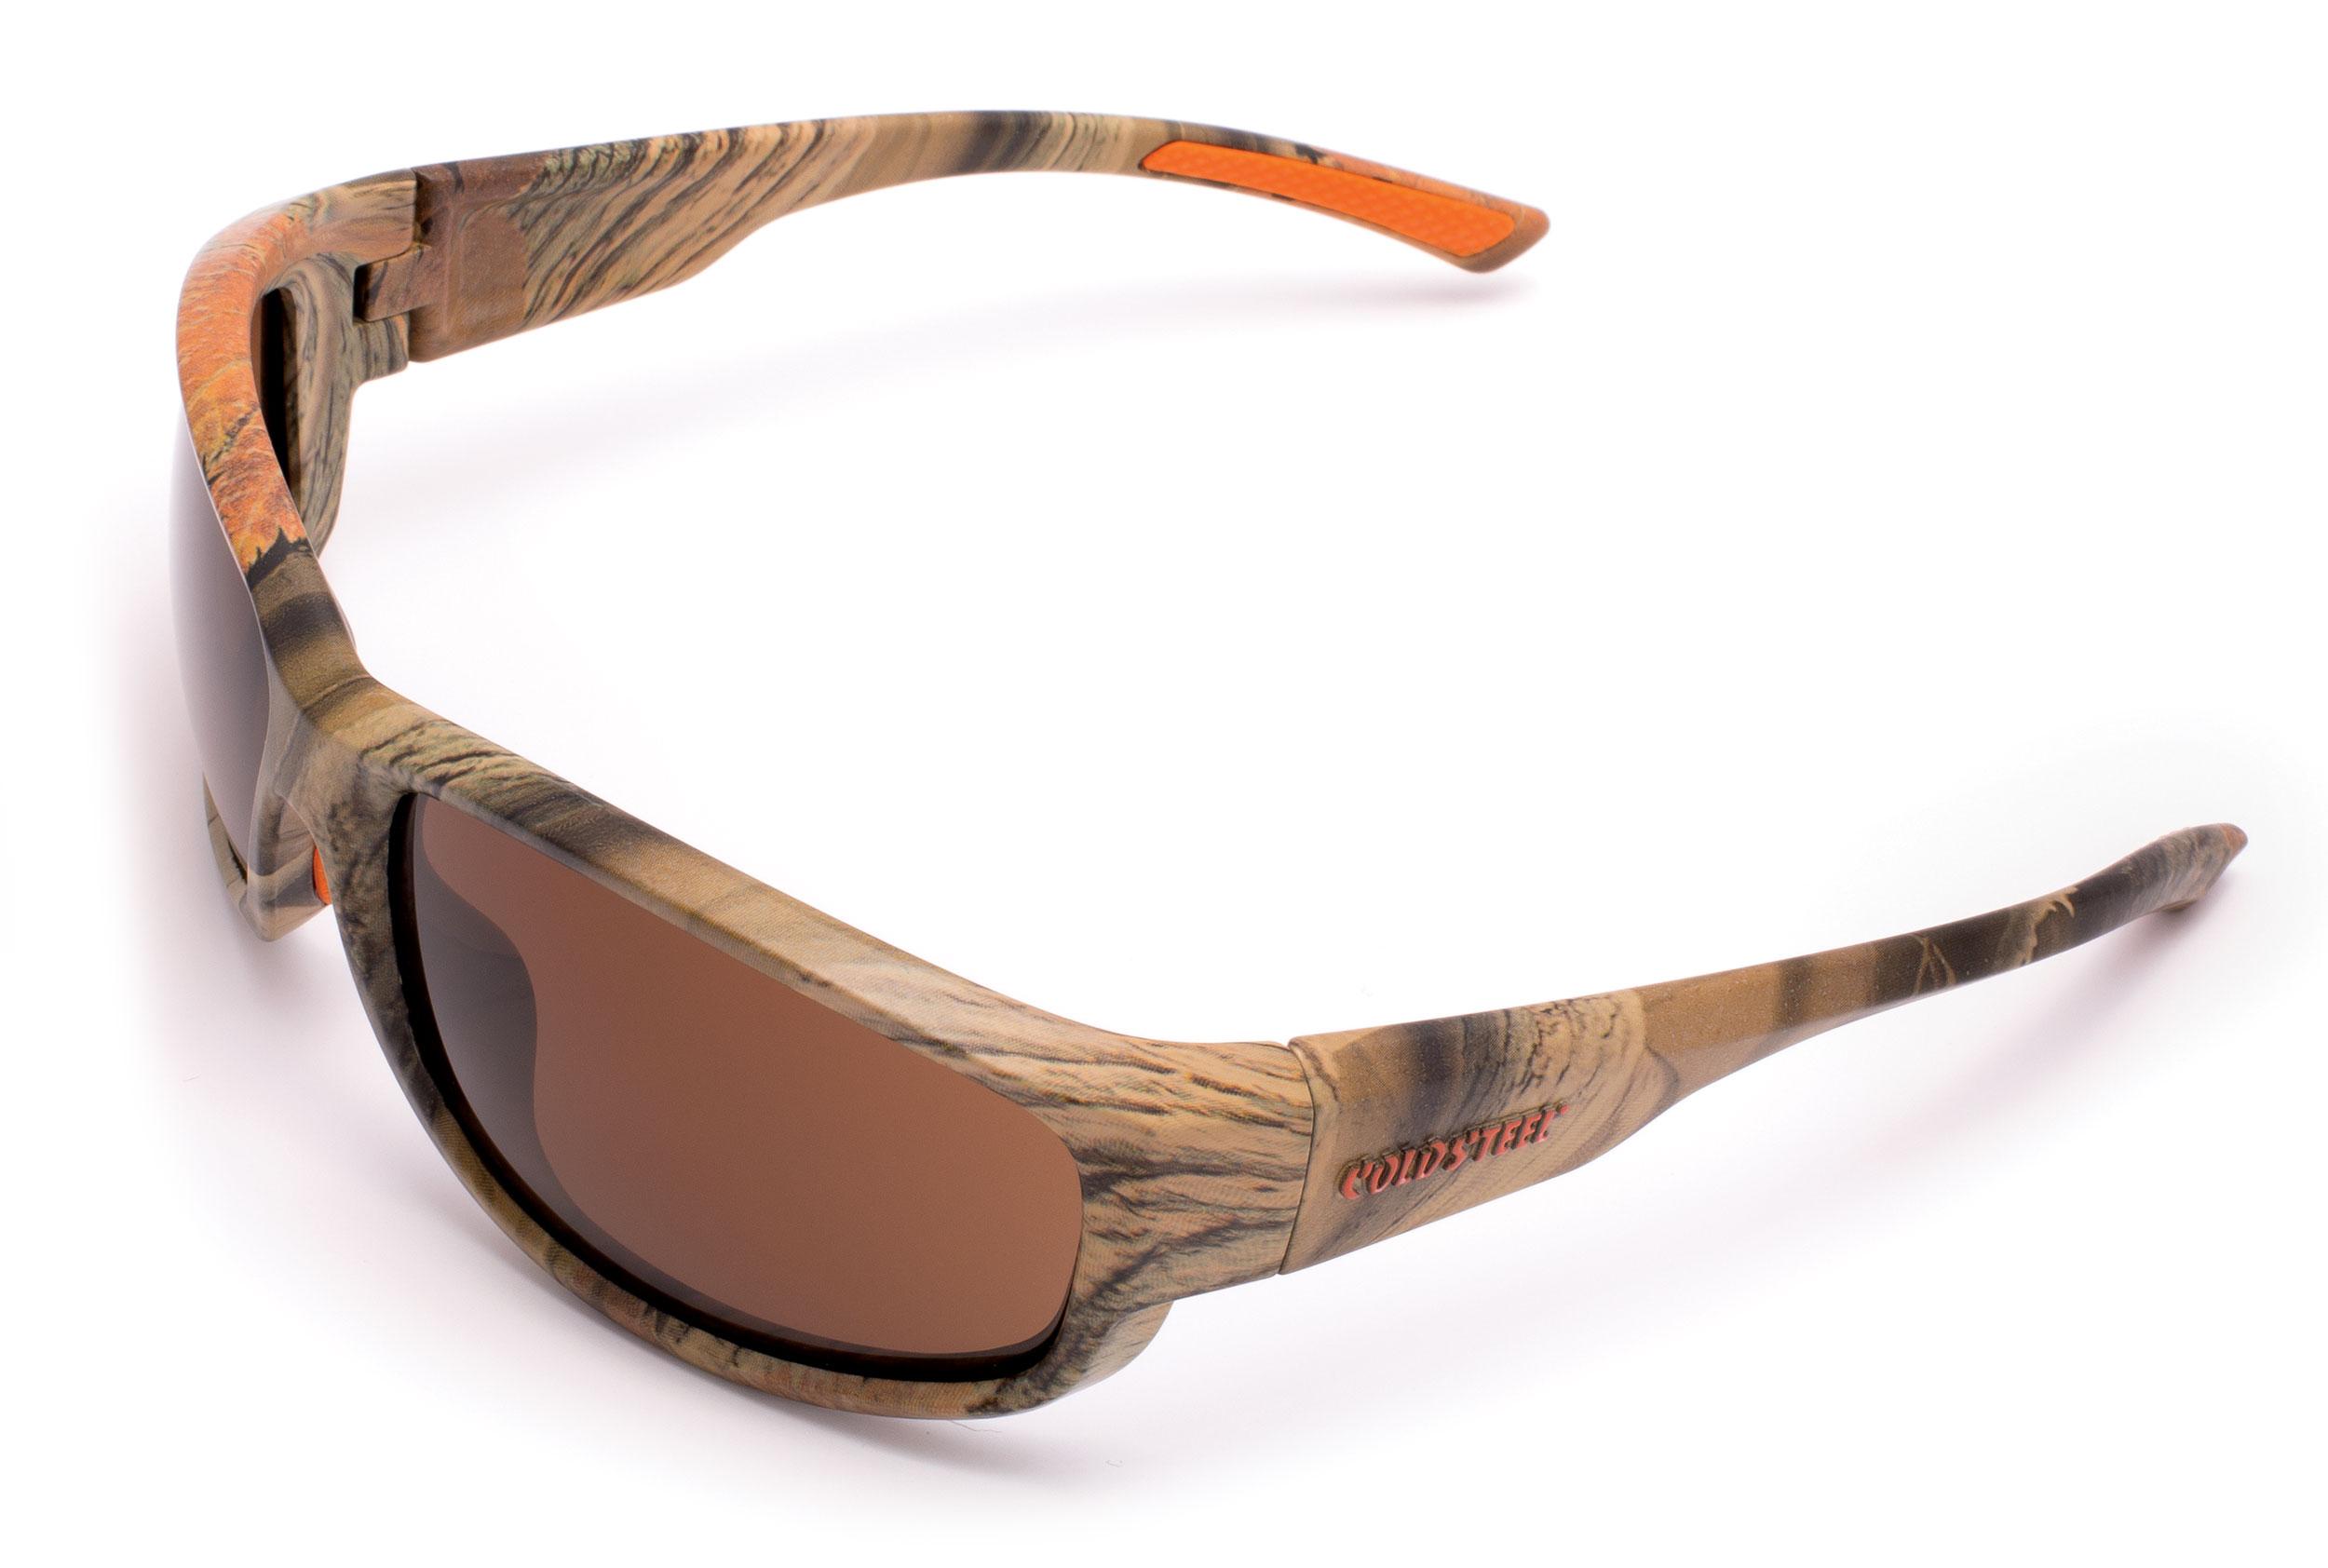 Cold Steel EW22 Battle Shades Mark-II Eyewear, Camo Sunglasses